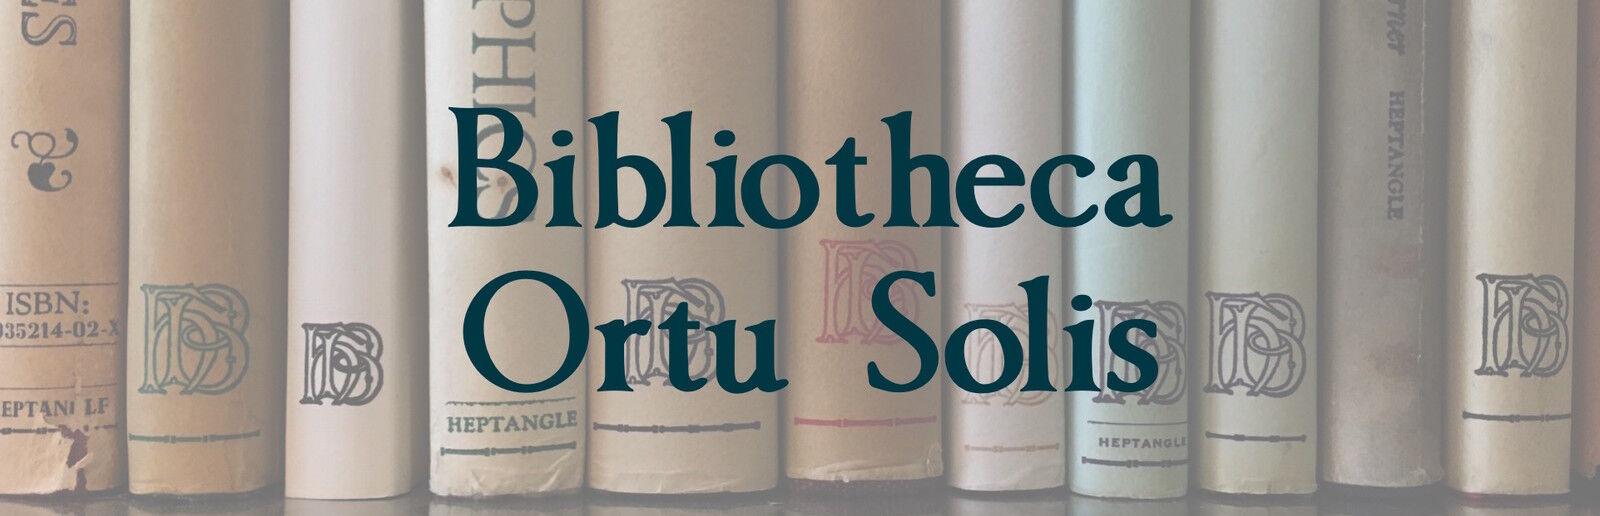 Bibliotheca Ortu Solis